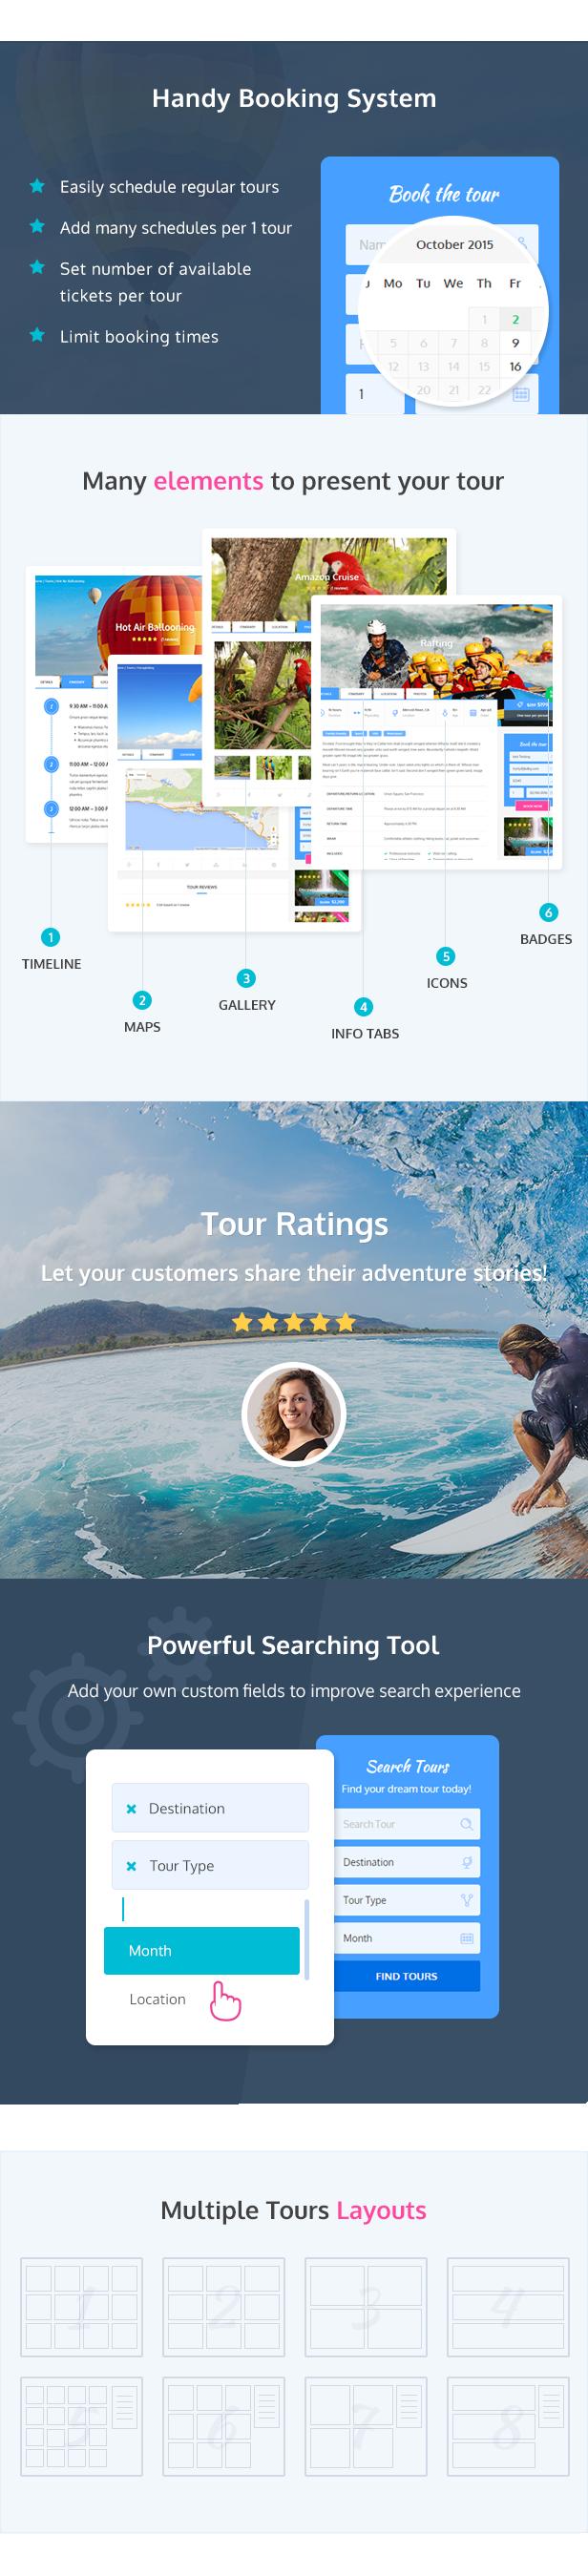 جولات المغامرات - جولة WordPress / موضوع السفر - 3